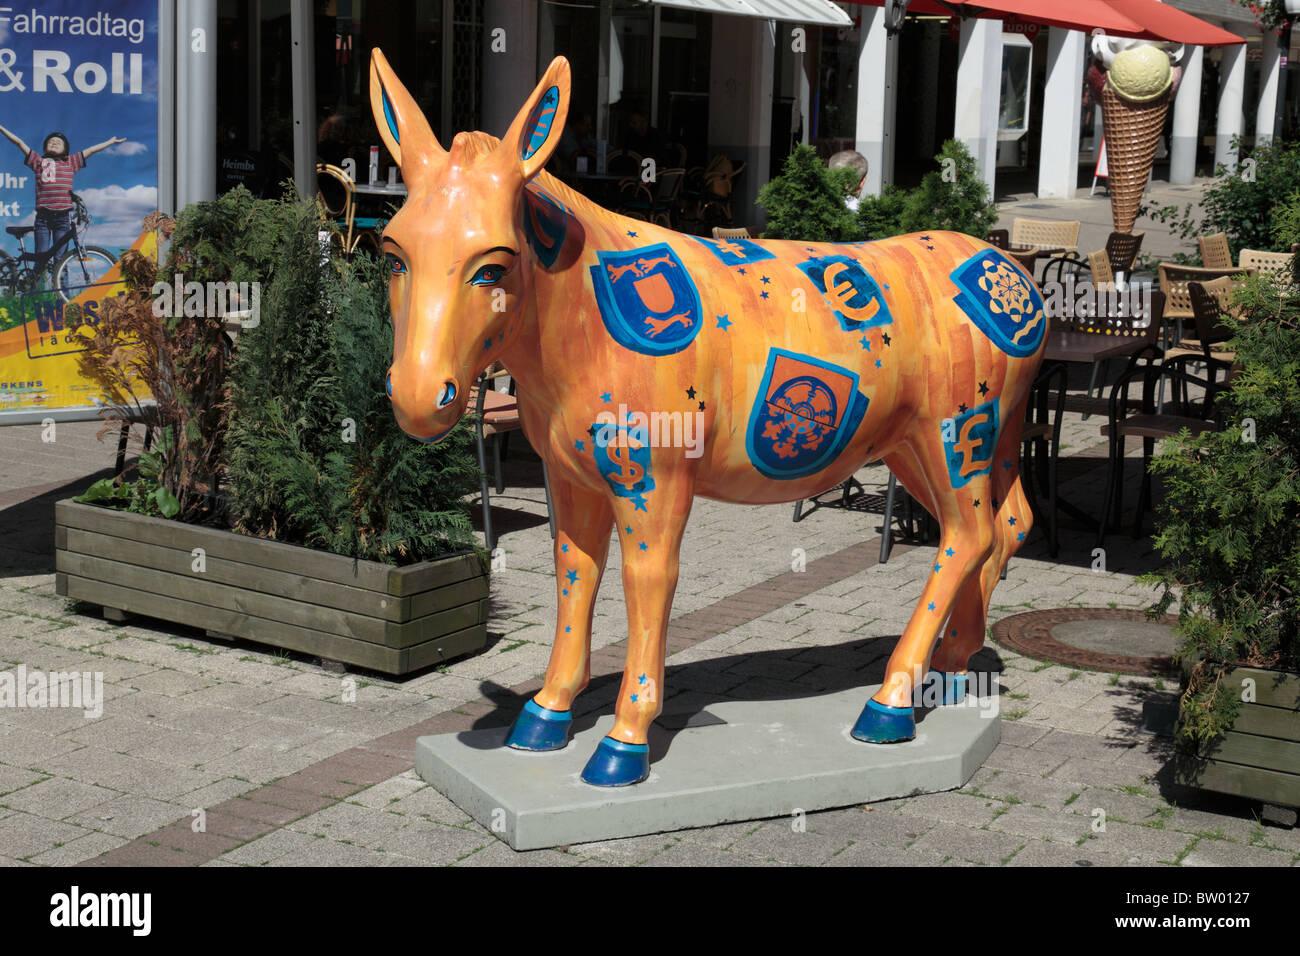 D-Wesel, Rhine, Lower Rhine, North Rhine-Westphalia, NRW, donkey of Wesel, donkey scupture, symbol of city advertising - Stock Image